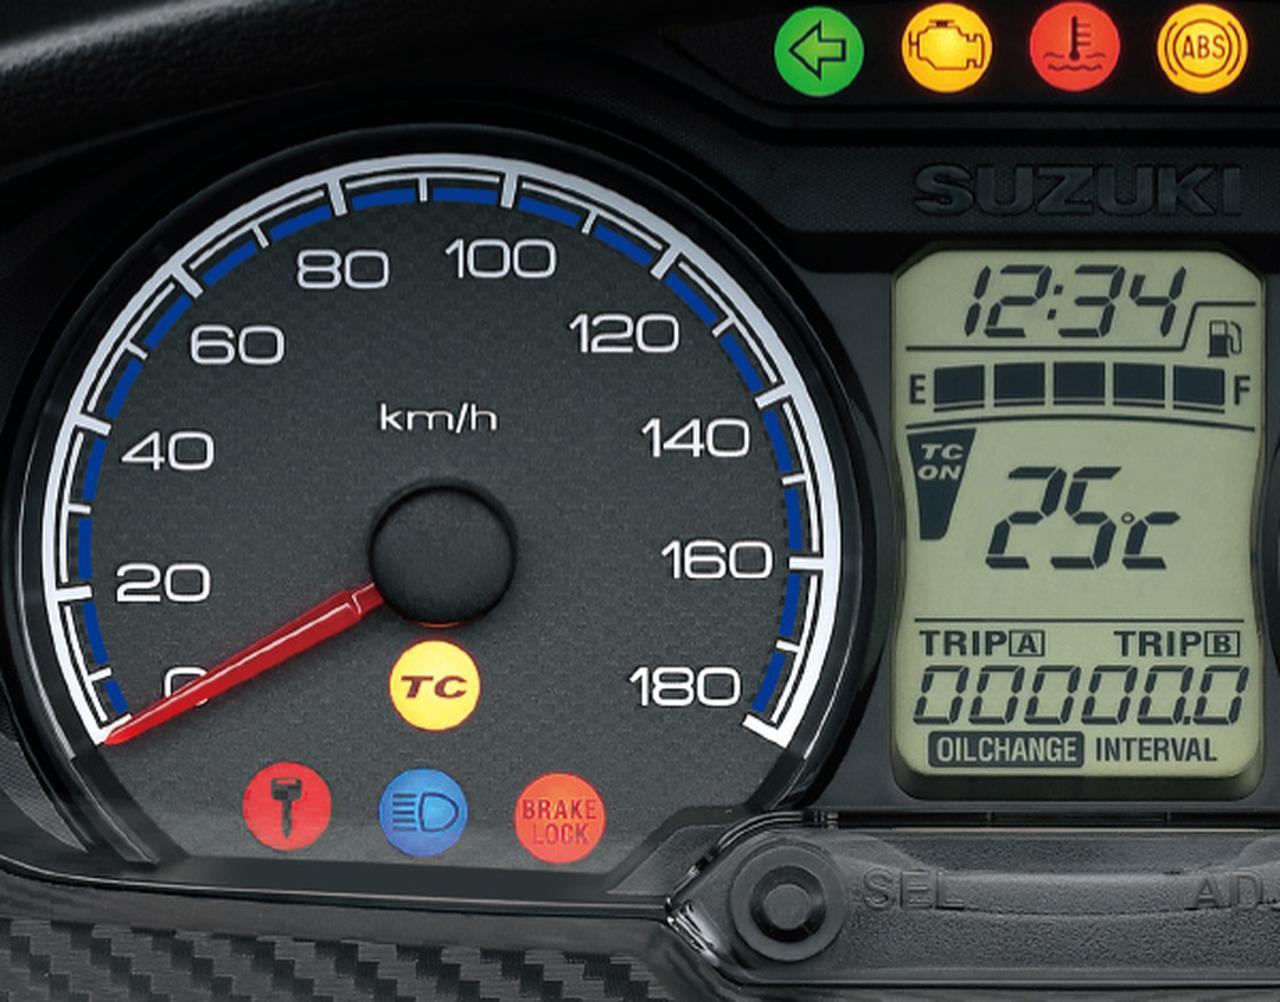 画像1: スズキ「バーグマン400 ABS」がモデルチェンジ! トラクションコントロールとツインプラグエンジンを新たに採用